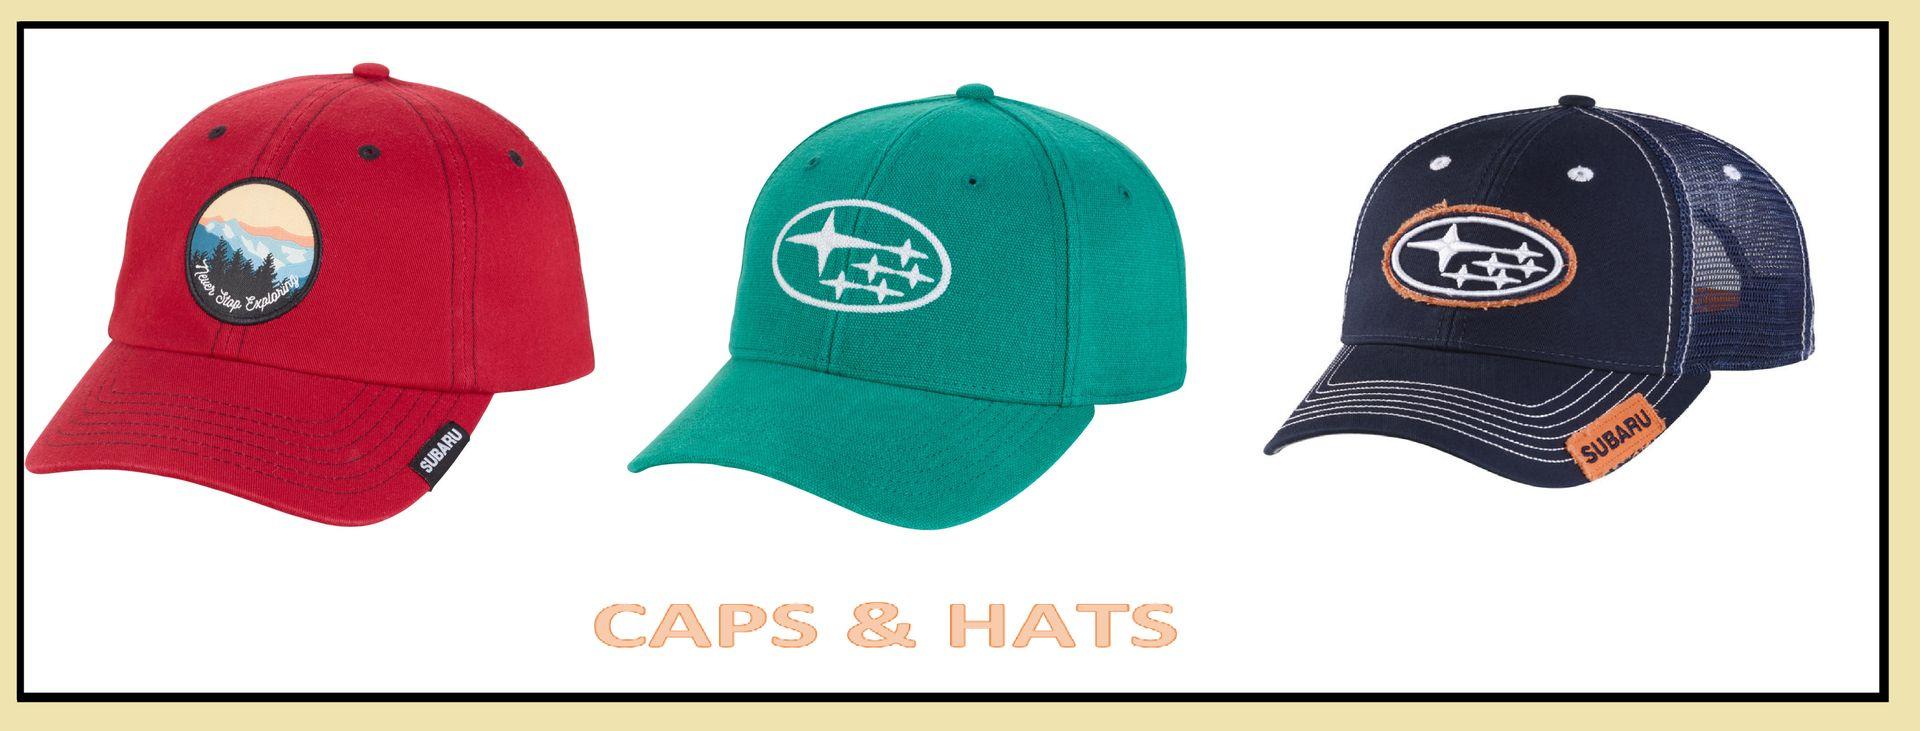 Subaru Caps & Hats